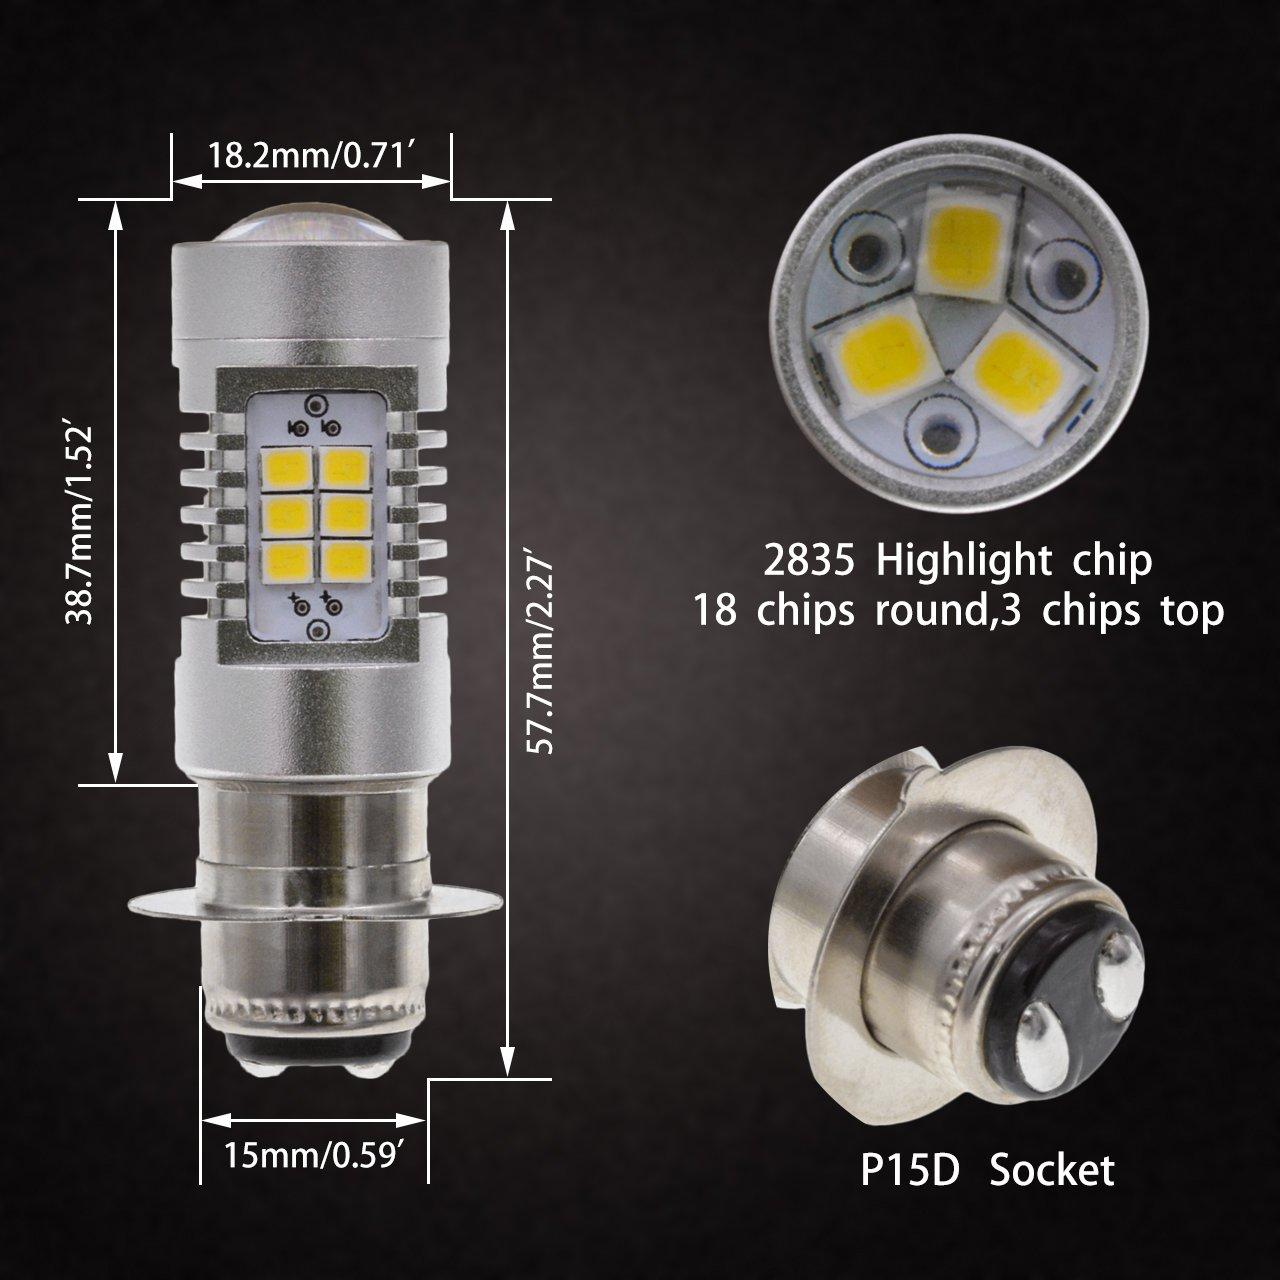 Paquet de 2 TUINCYN P15D H6M LED Ampoule Phare de moto Ampoule antibrouillard 2835 21SMD Feu de circulation diurne DRL avec lentille en aluminium 10.5W CC 12V Blanc x/énon